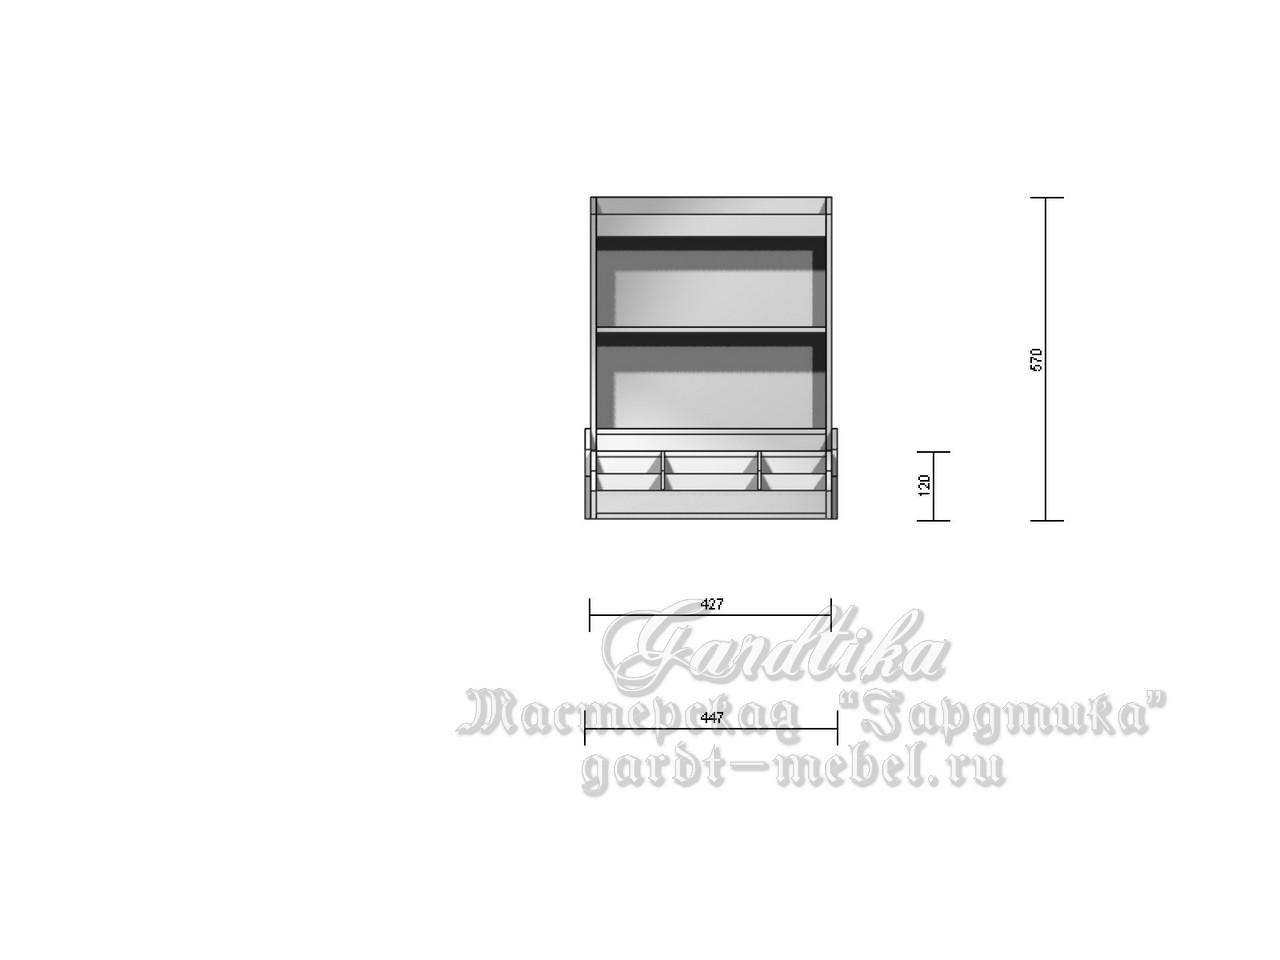 ярморочный стенд1-9.jpg